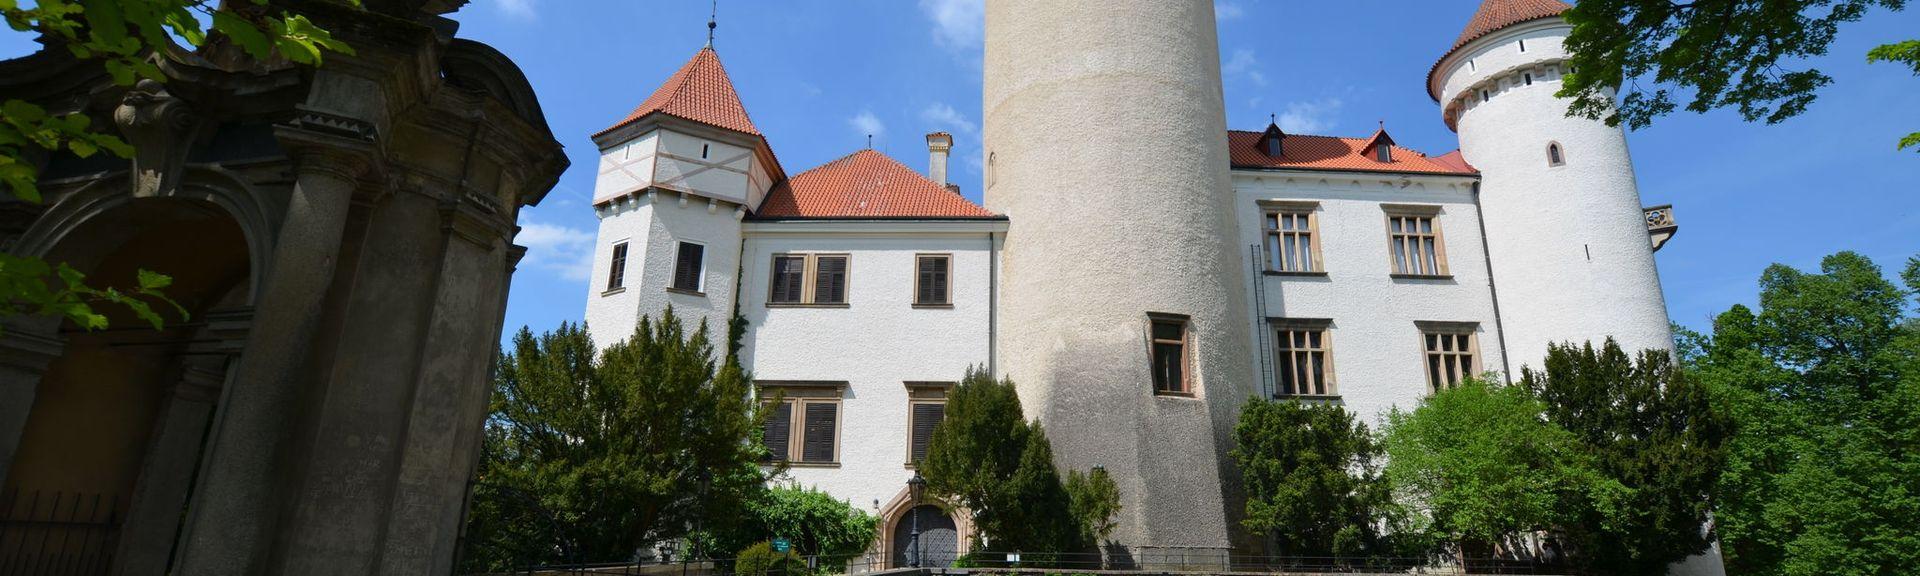 Lštění, Central Bohemia (region), Czech Republic